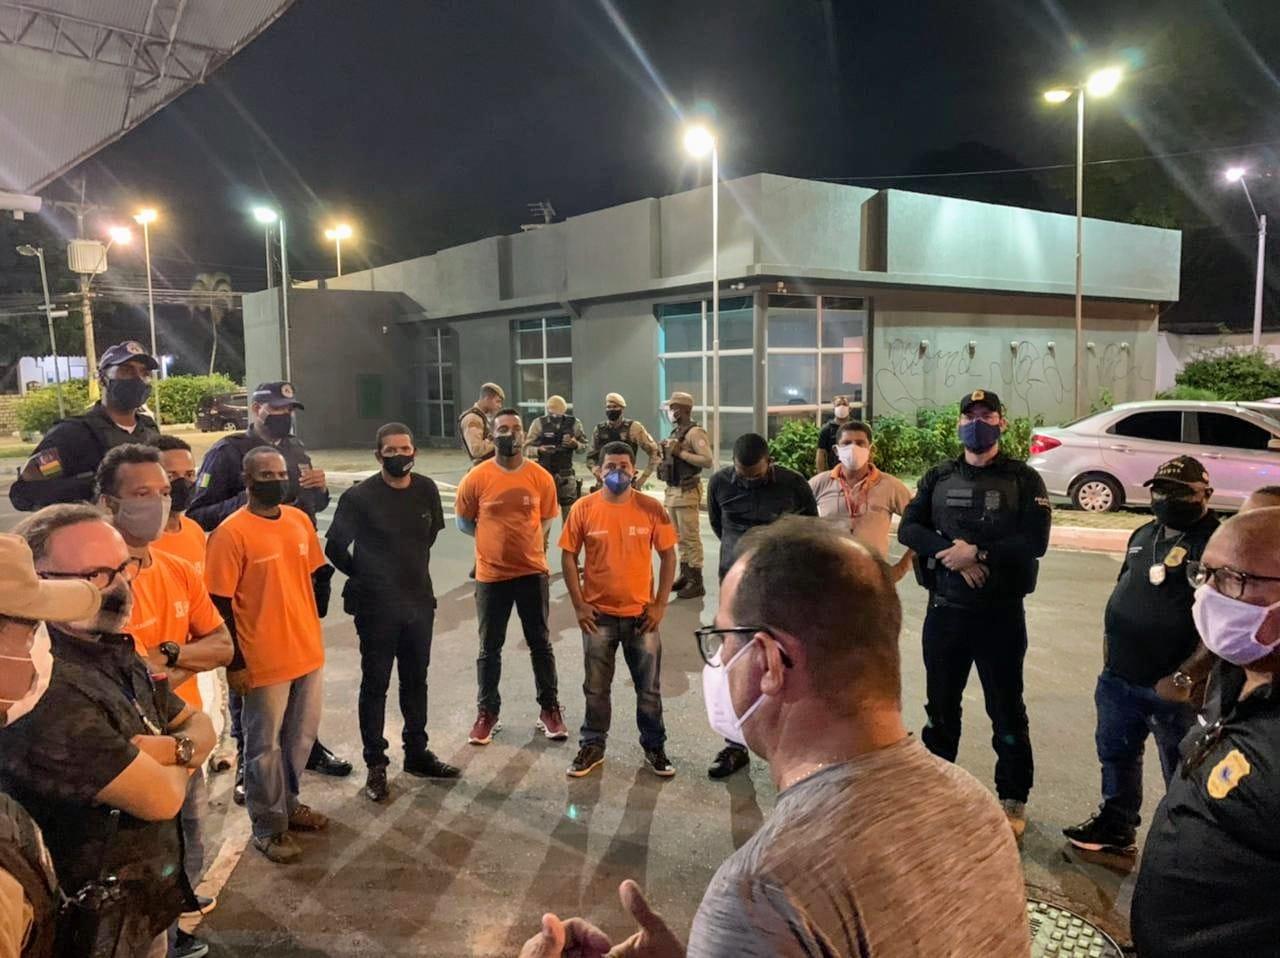 Vice-prefeito de Lauro de Freitas, Dr. Vidigal prestigia Força Tarefa de fiscalização noturna, neste sábado (27)